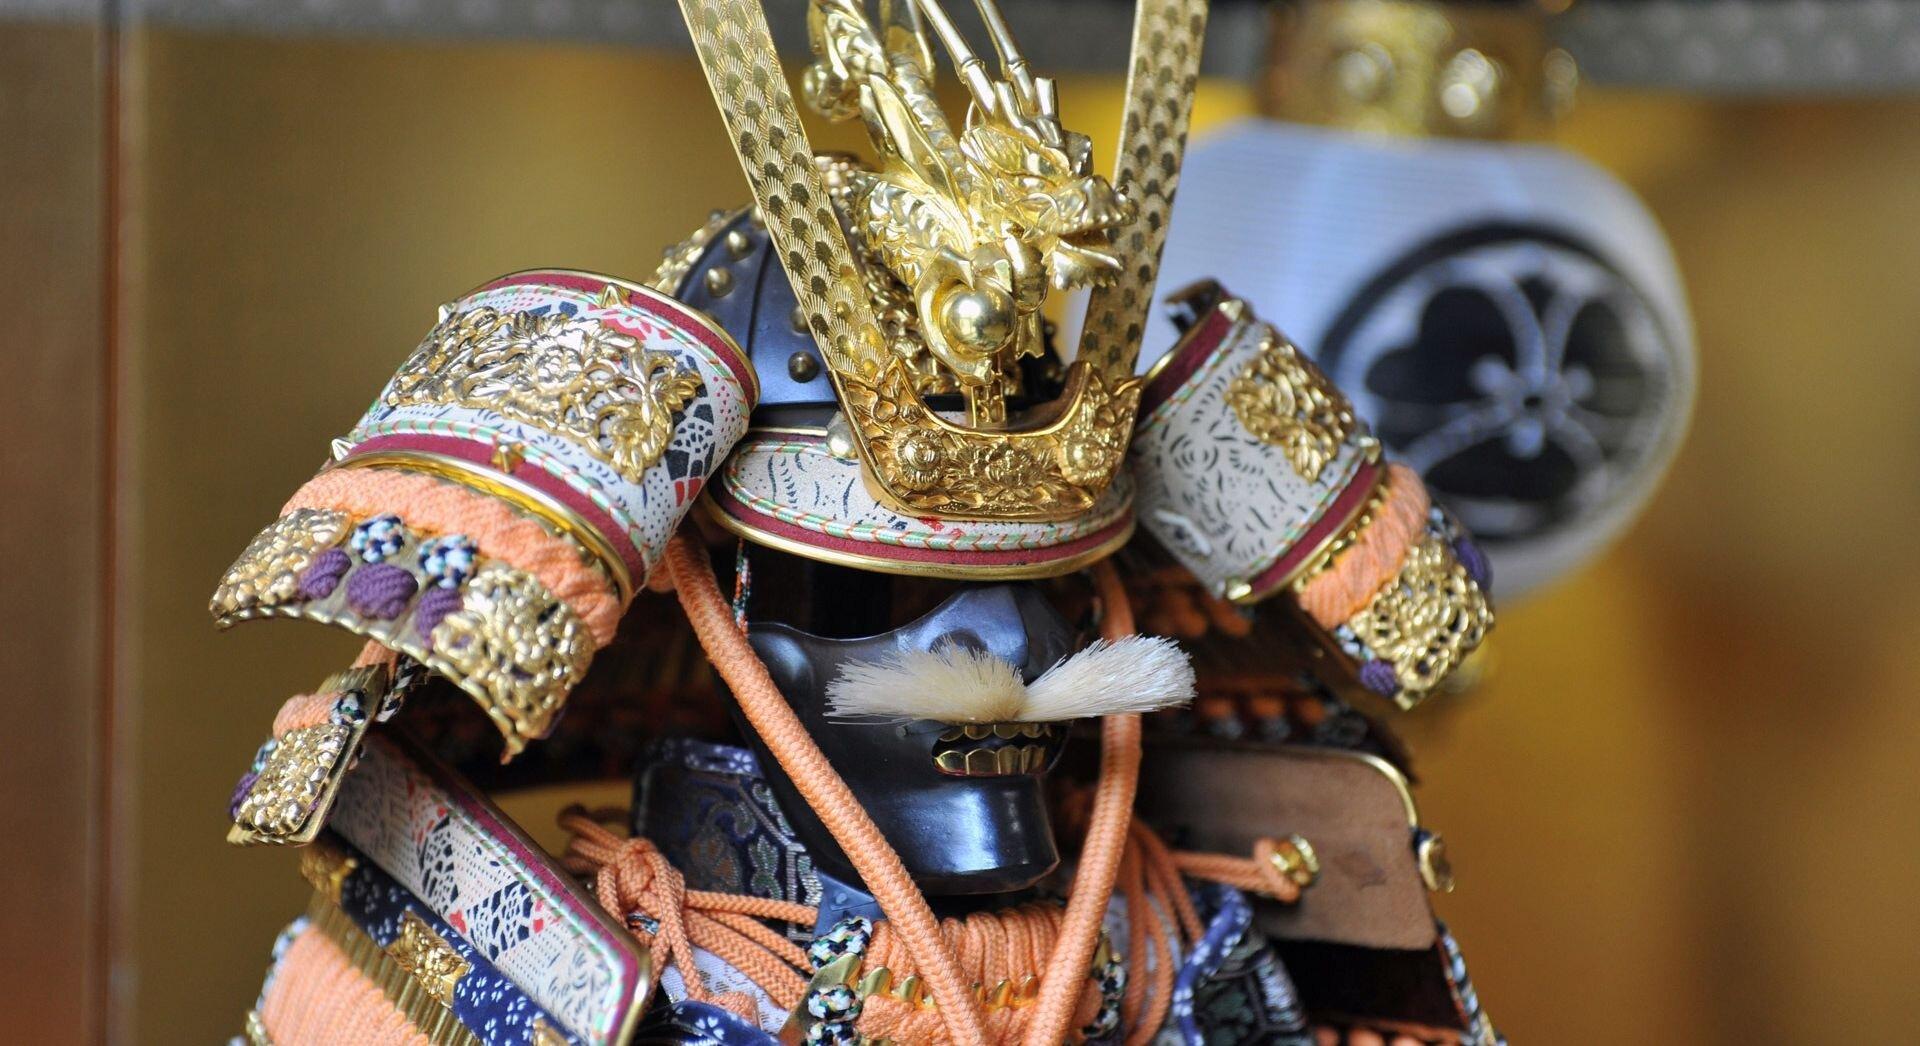 Część zbroi samuraja Część zbroi samuraja Źródło: licencja: CC 0.